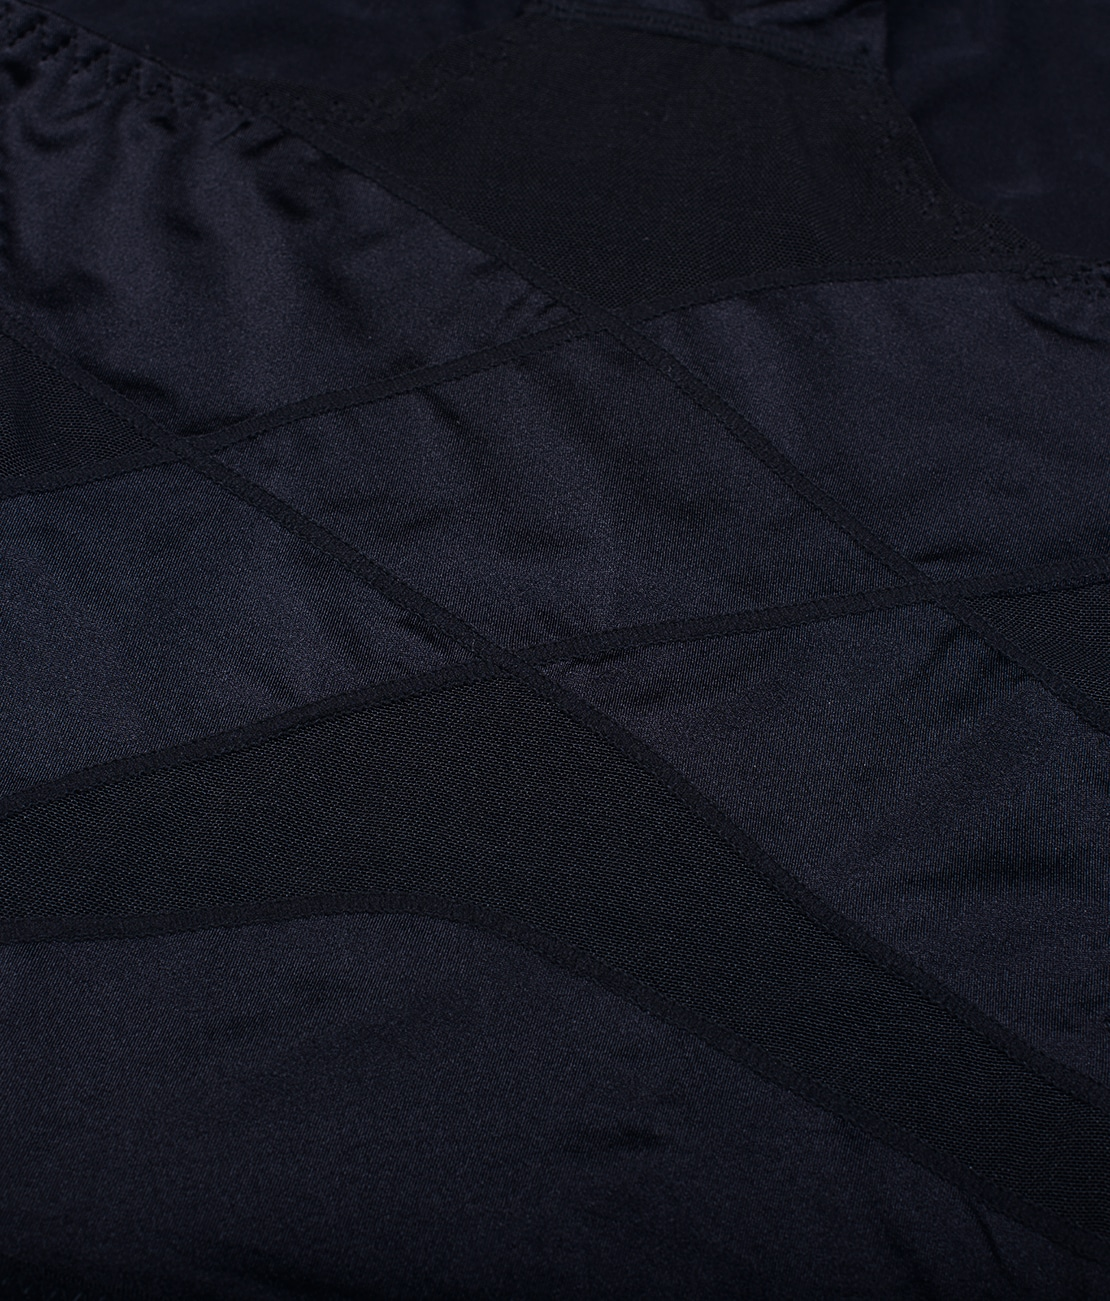 Culotte gainante soyeuse Noire Detail 2